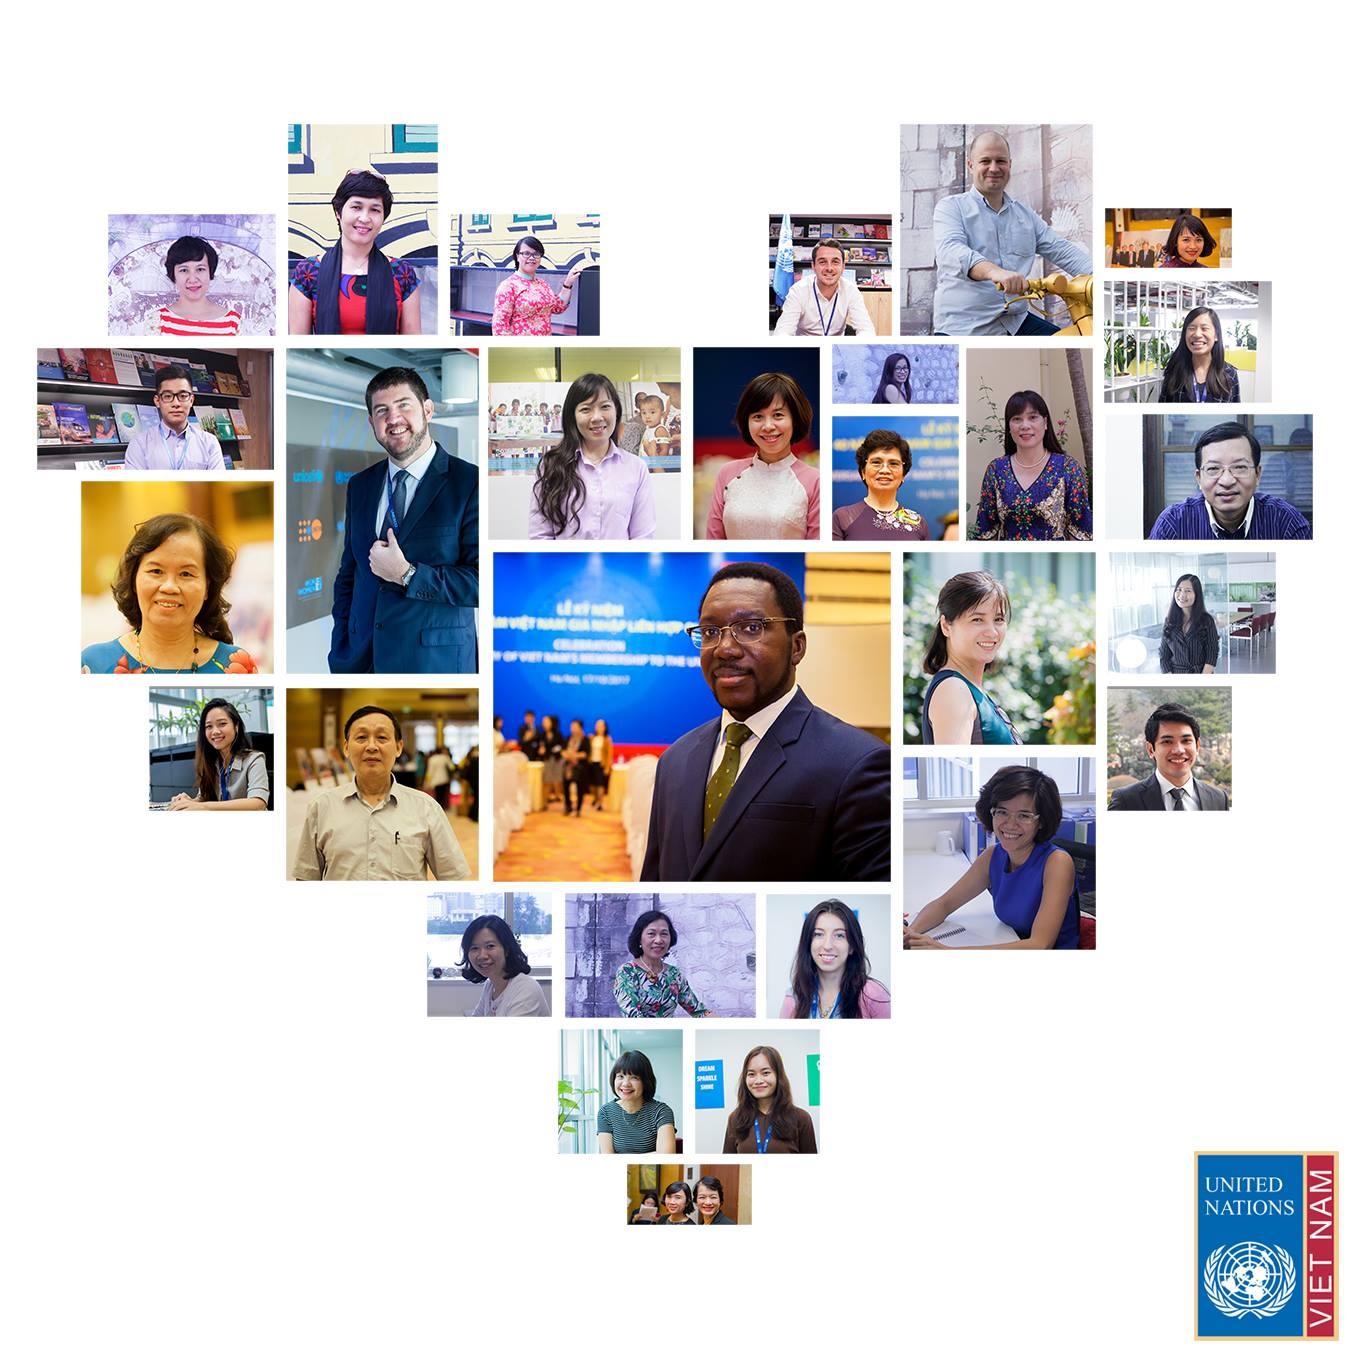 Hearts of UN